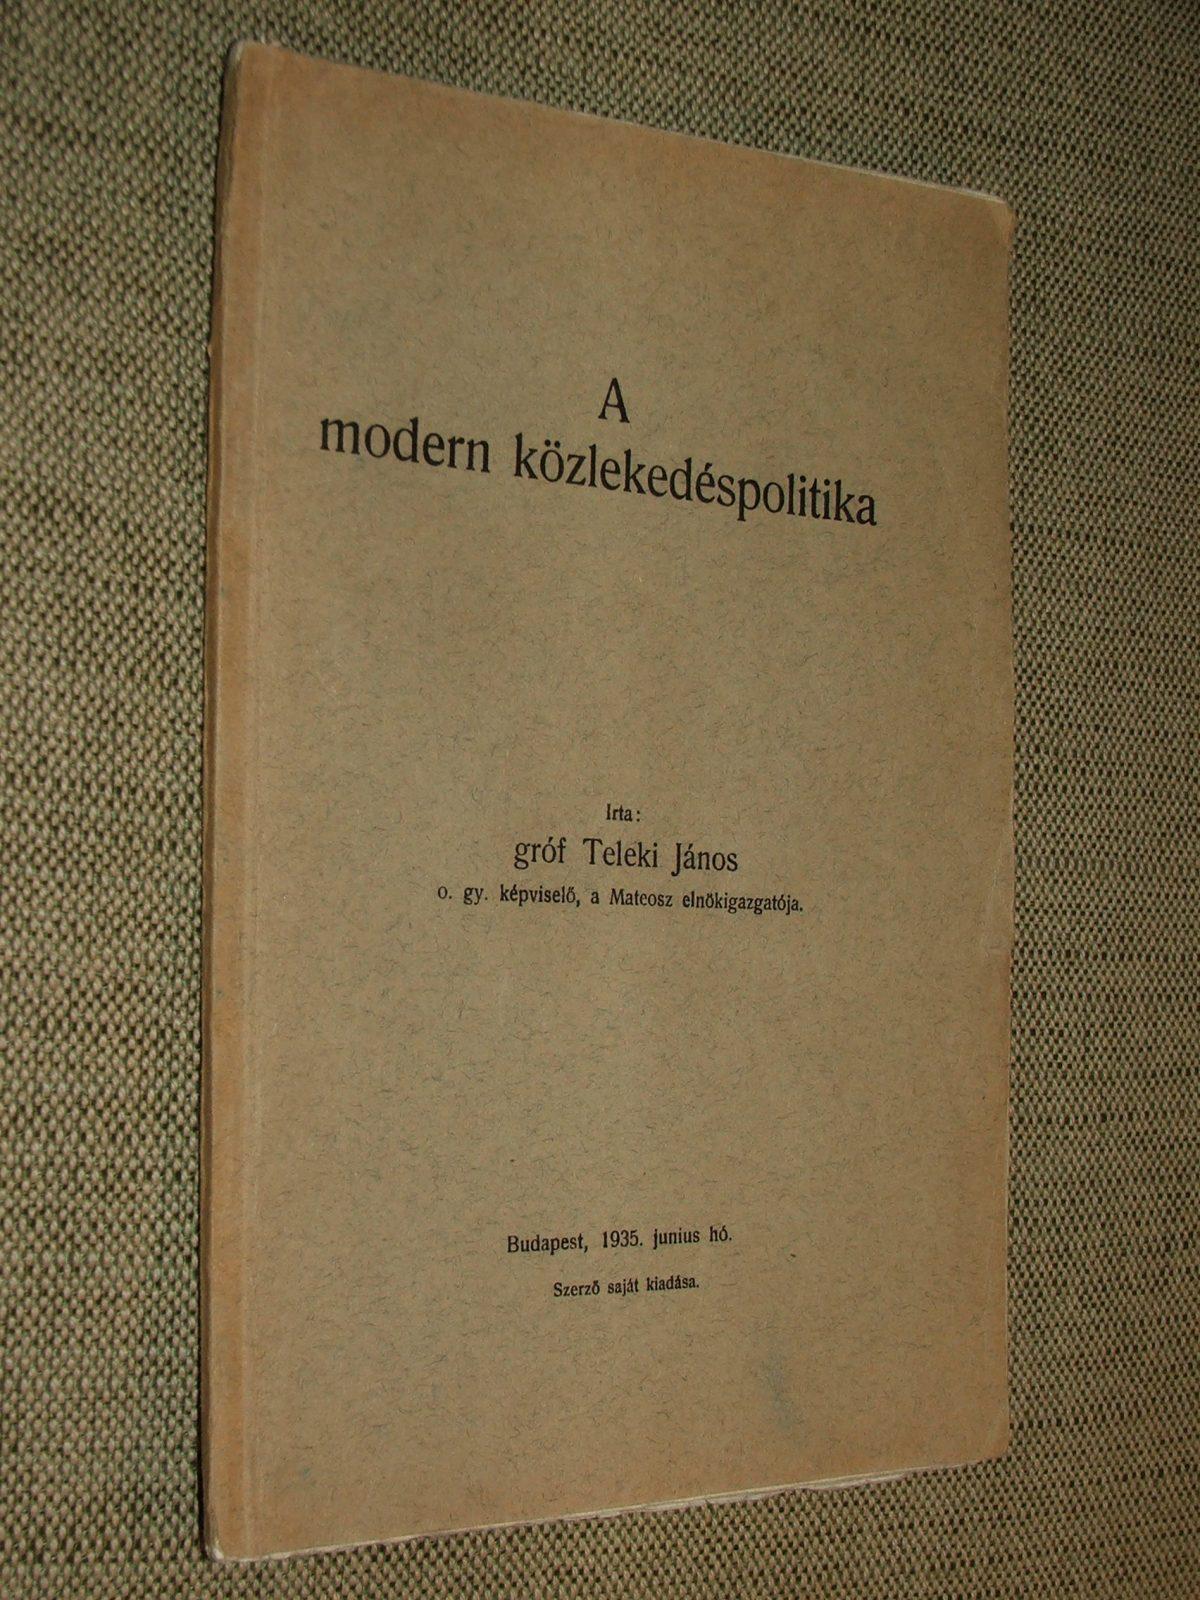 TELEKI János, gróf: A modern közlekedéspolitika és a közlekedésügy kérdései az 1935/36 évi költségvetésben.